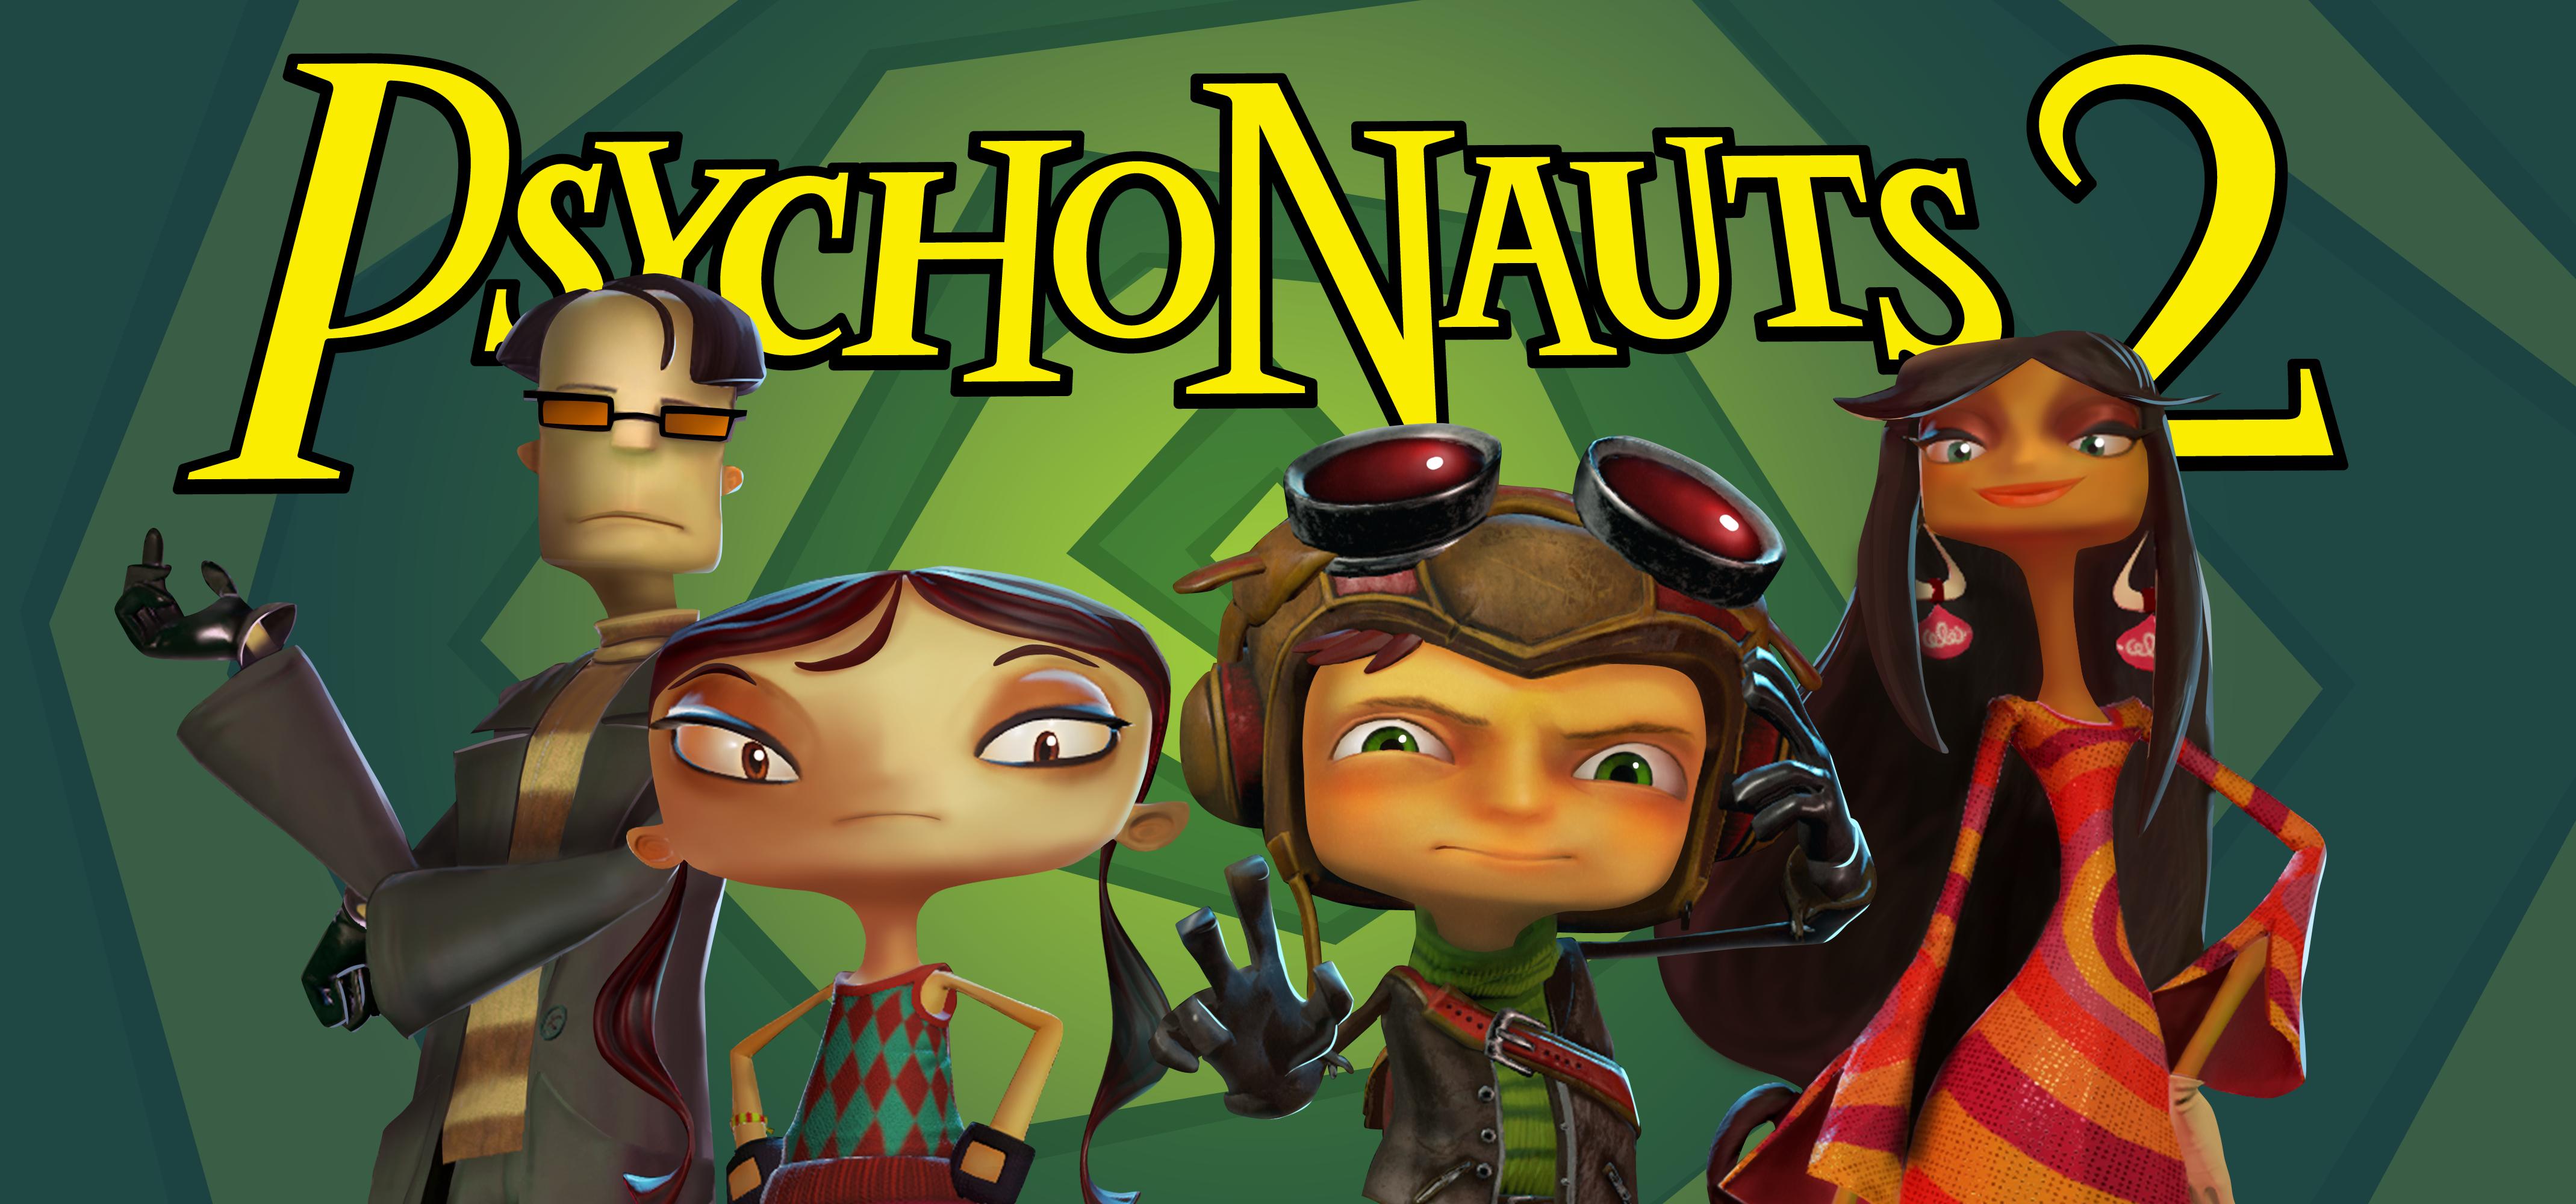 Photo of Psychonauts 2 em desenvolvimento